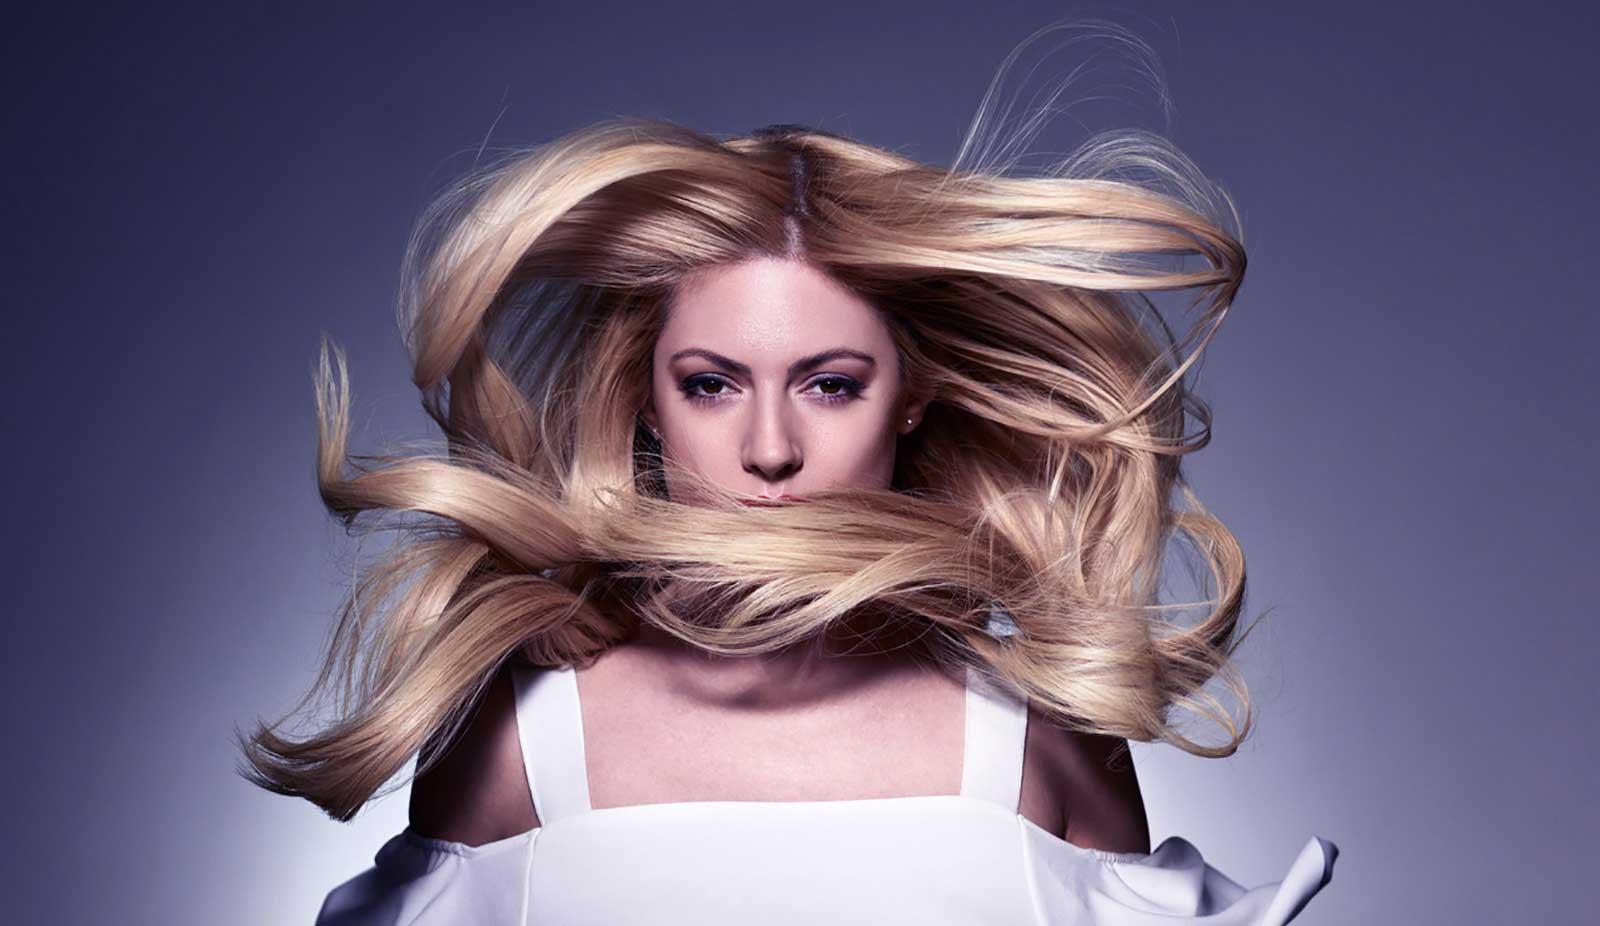 imago-equipe-sebastiano-attardo-concepr-store-deluxe-fashion-beauty-parrucchiere-milano-servizio-laser-header